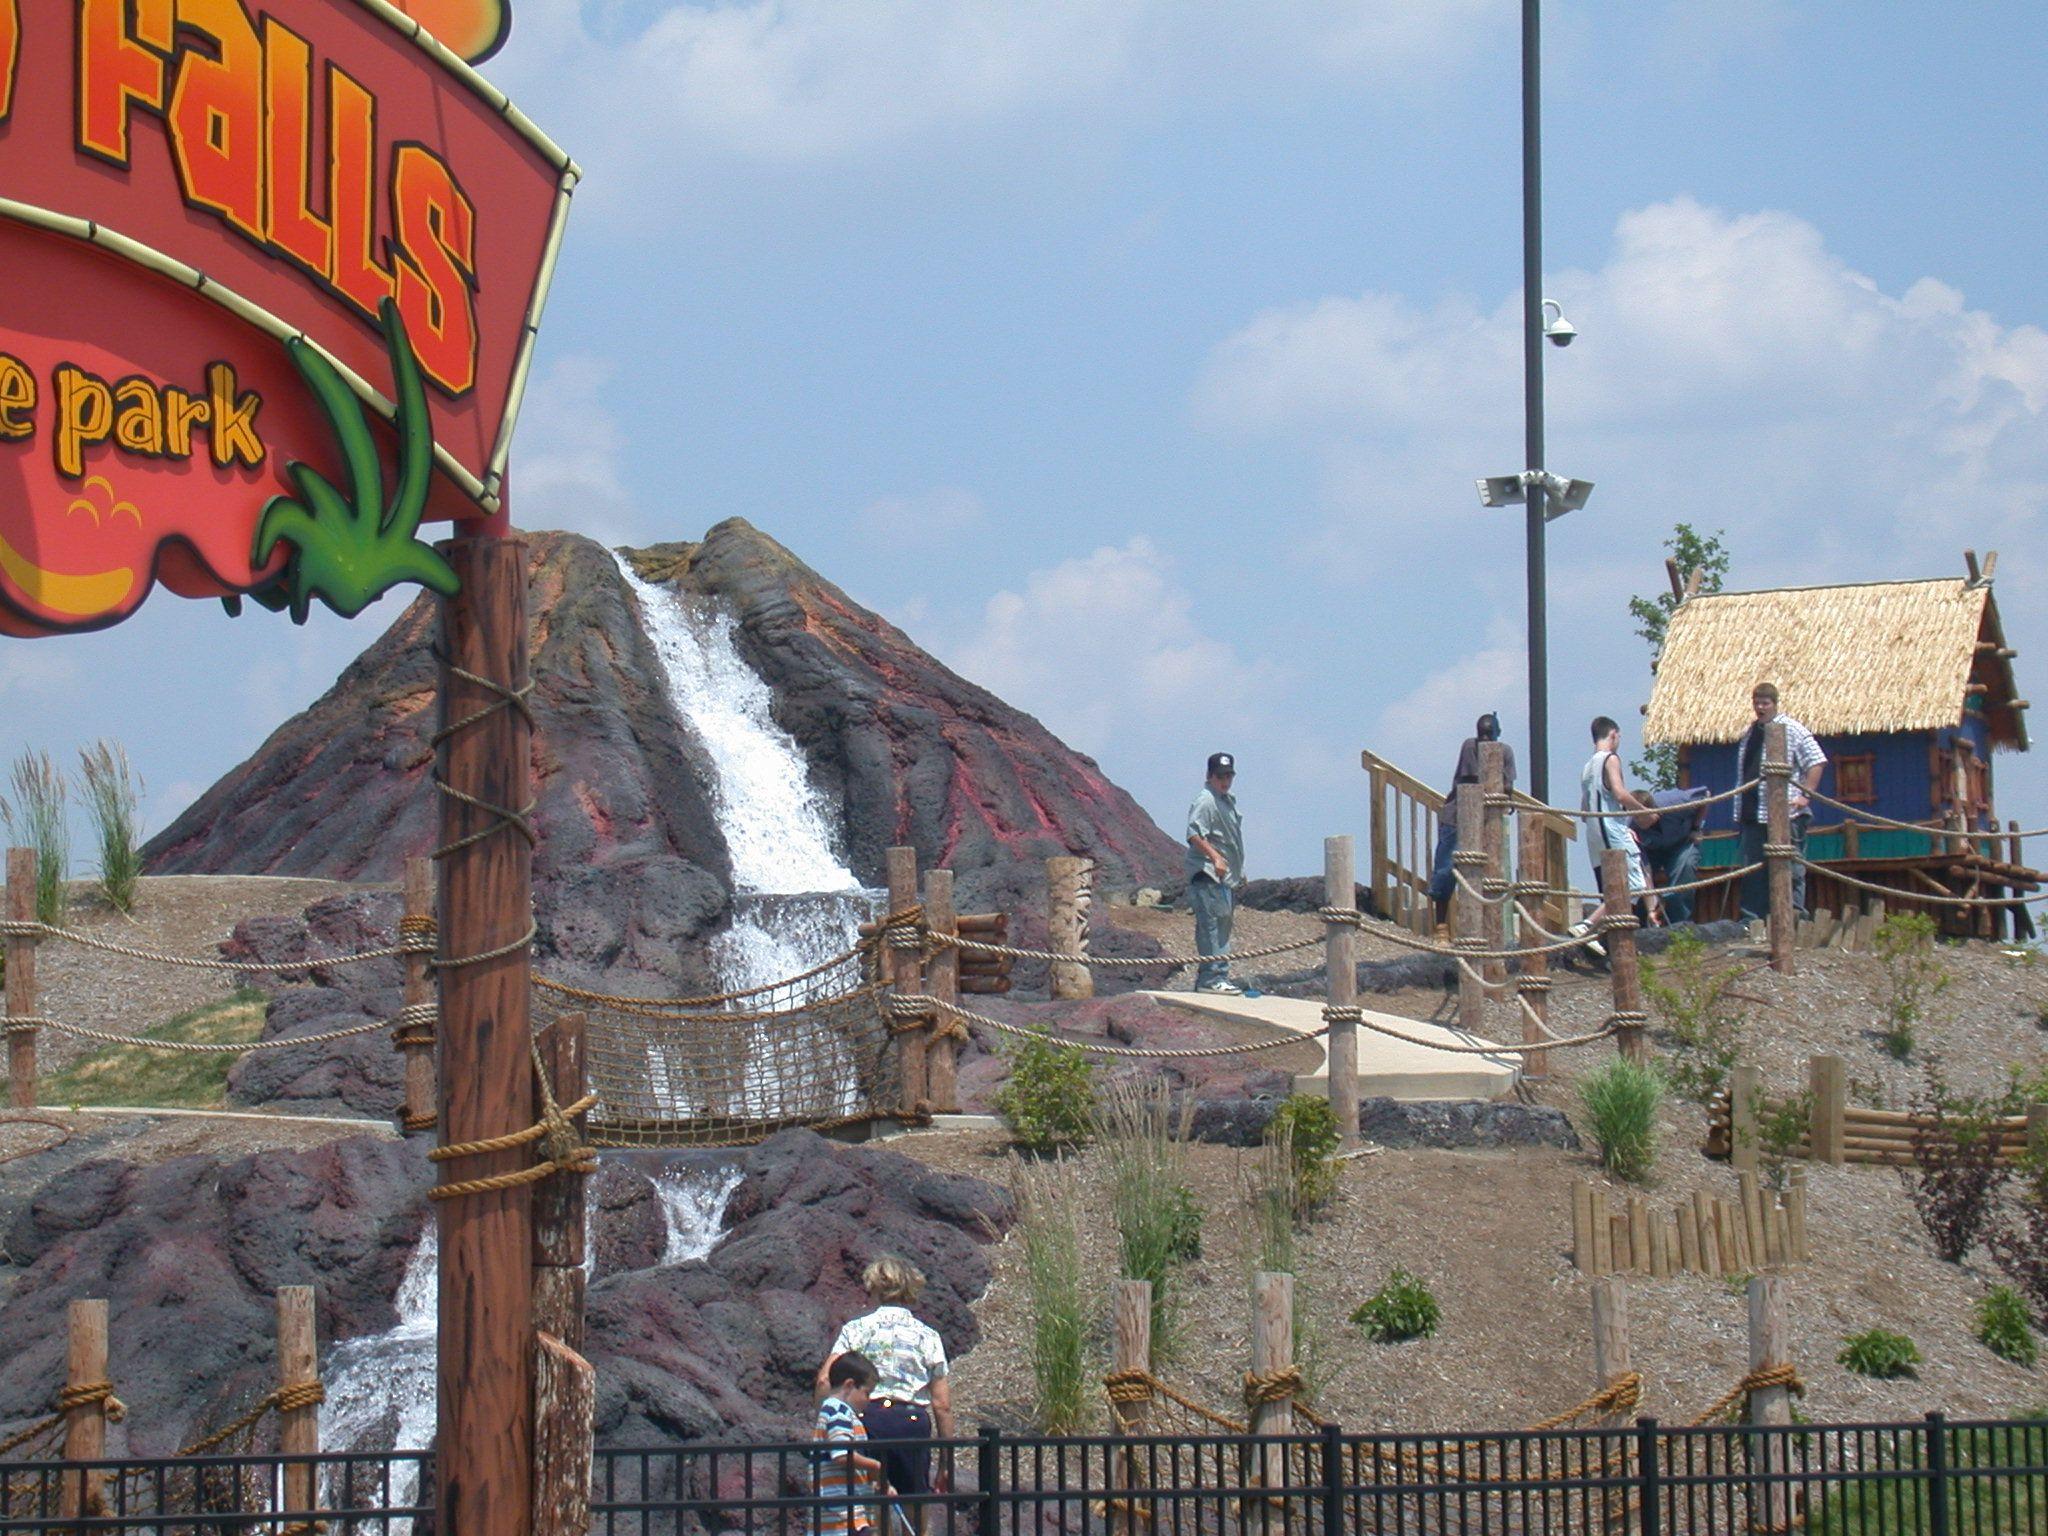 Volcano Falls Adventure Park - Rockford, IL http://www.gorockford ...